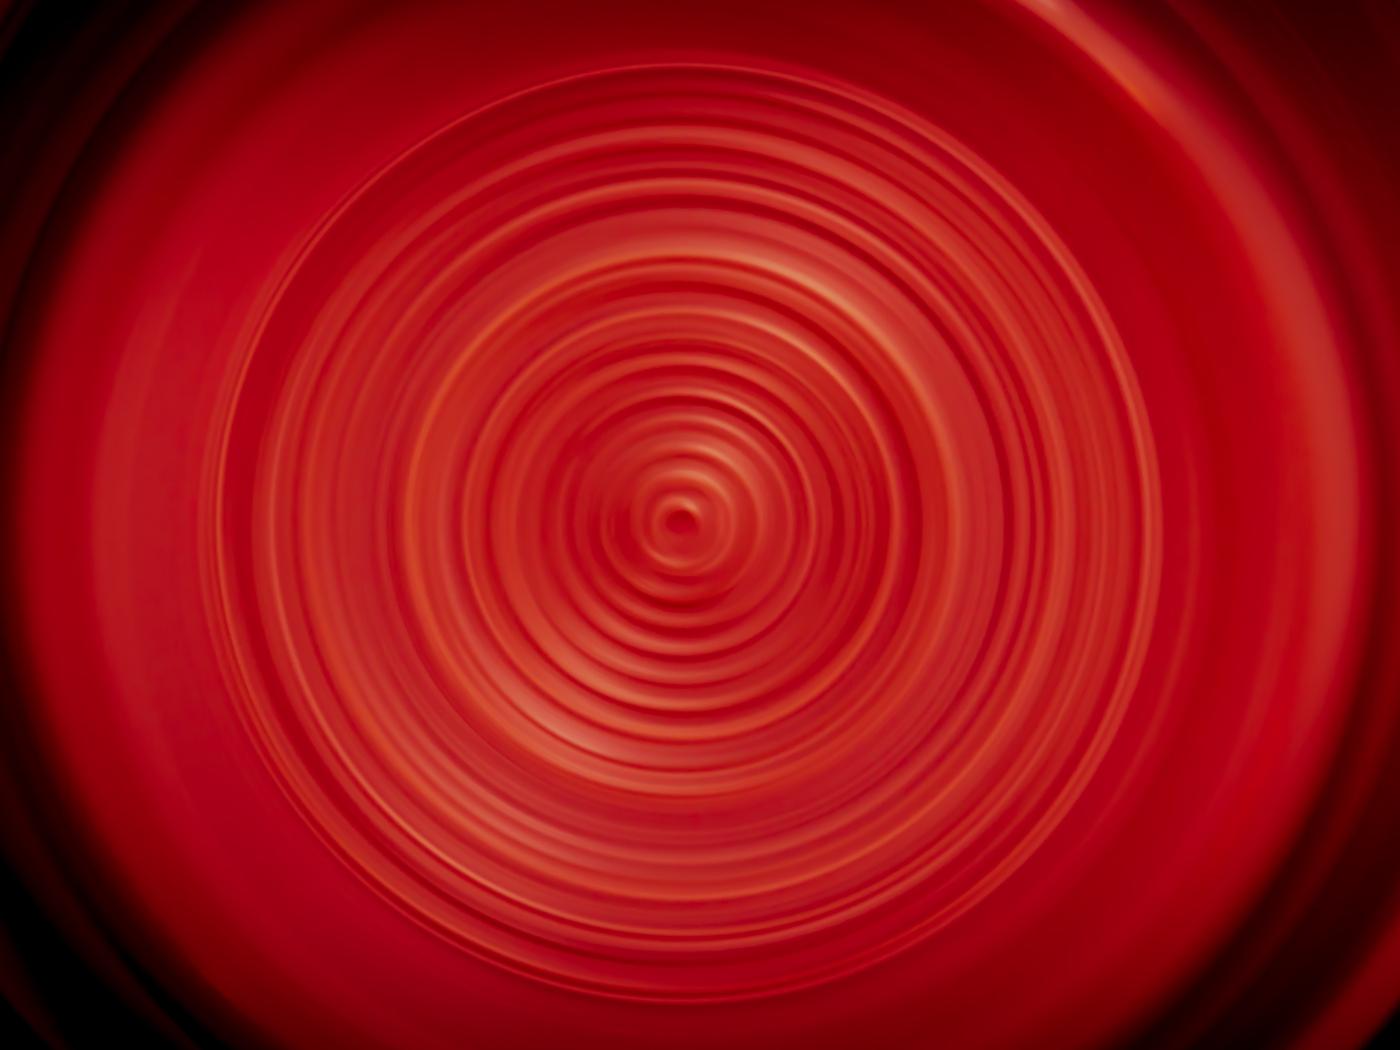 abstract-circle-red-4k-xp.jpg